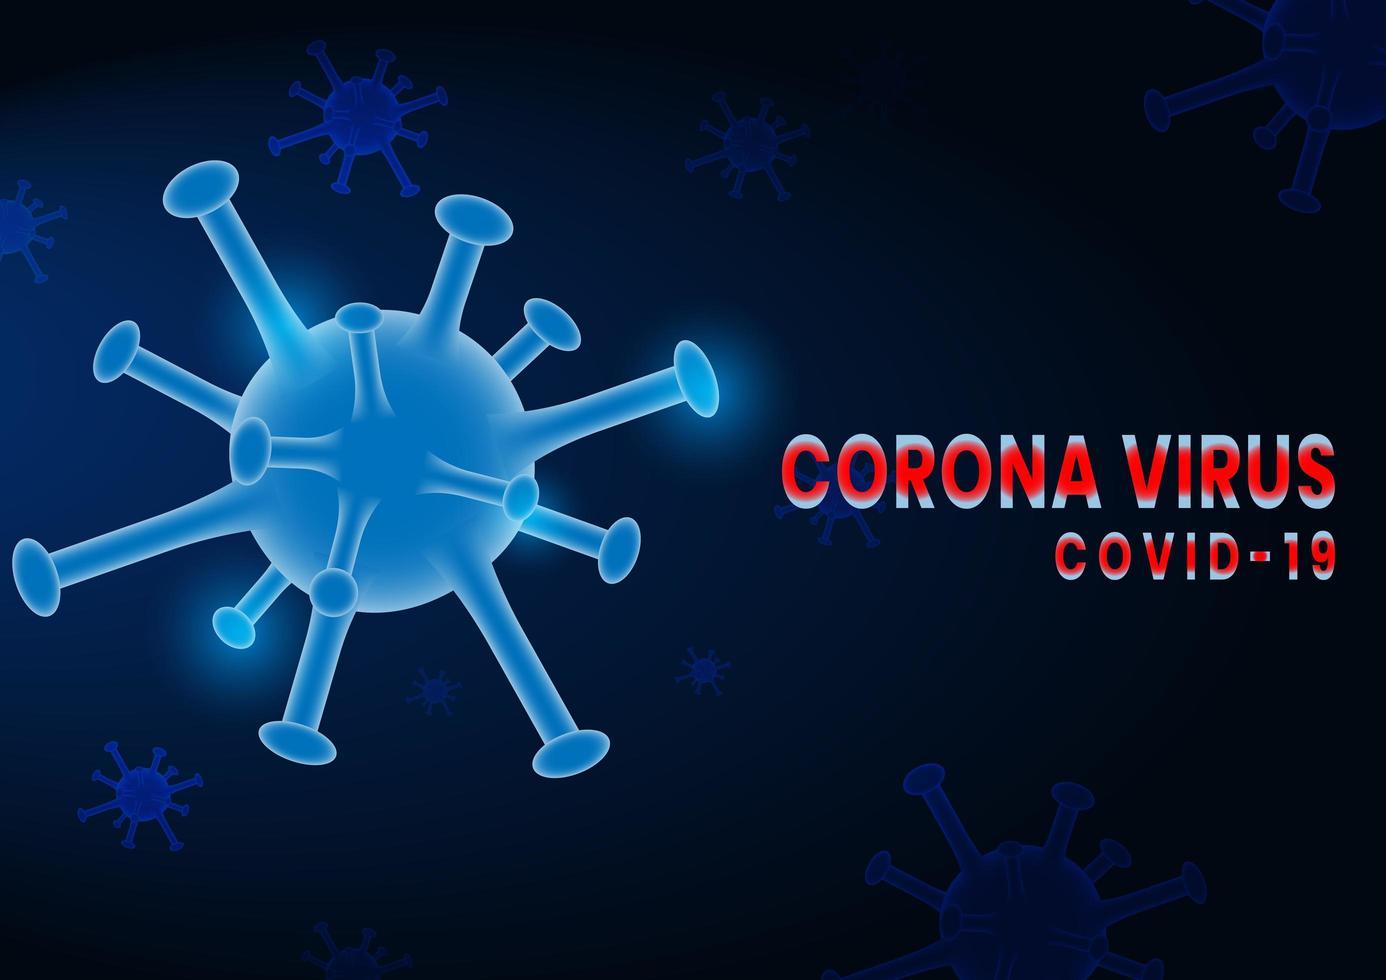 coronavirus covid-2019 sobre fondo azul oscuro vector